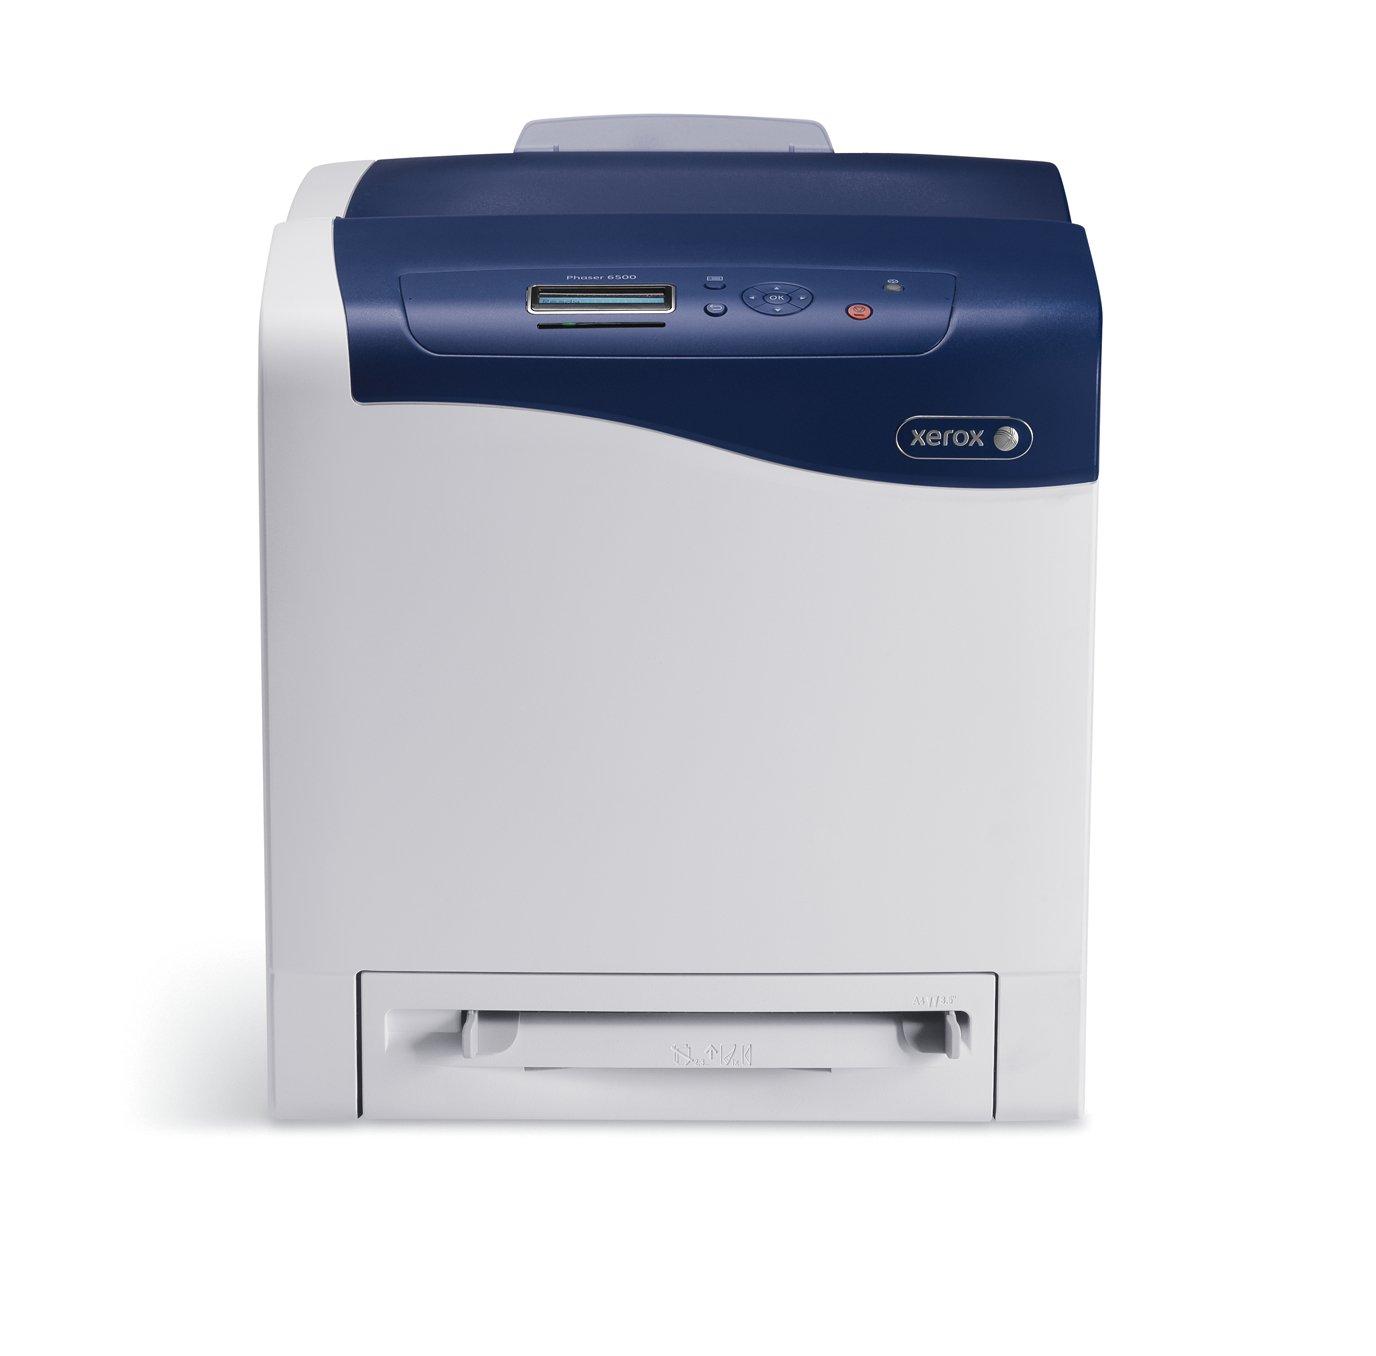 Xerox color laser printers - Xerox Color Laser Printers 12